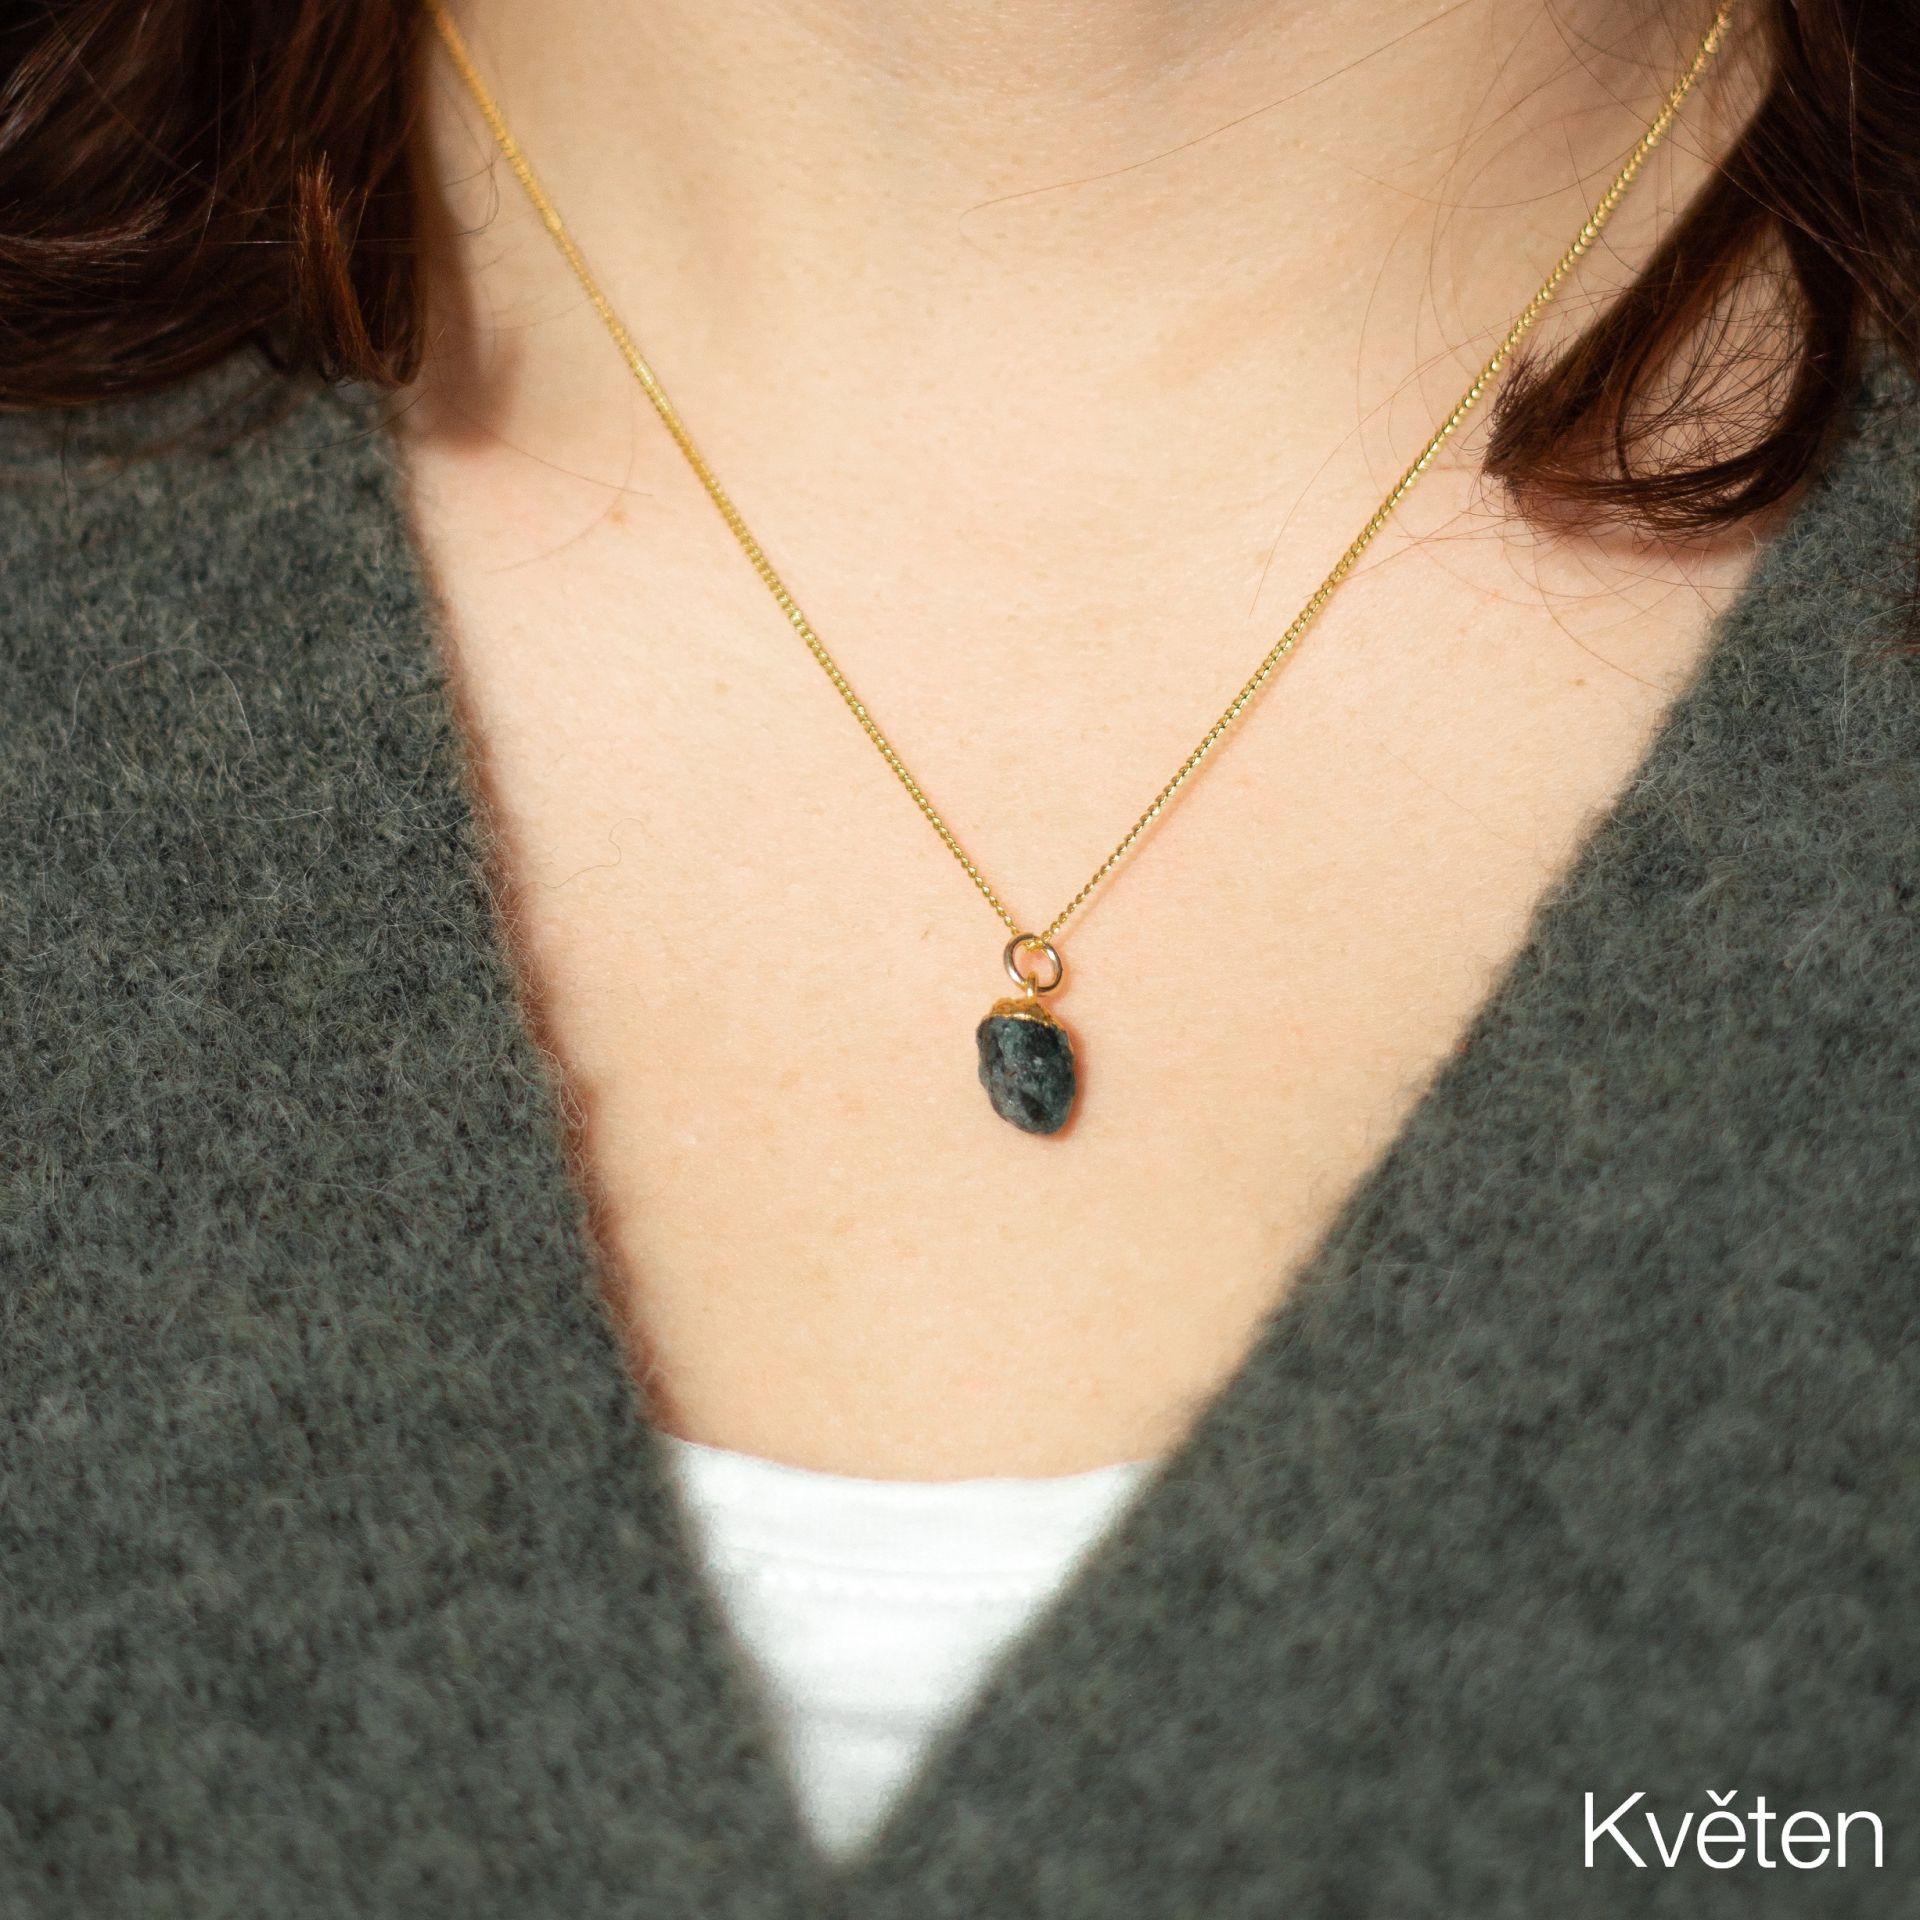 DECADORN Pozlacený řetízek s narozeninovým kamenem Birthstone Květen - smaragd, multi barva, zlatá barva, kov, kámen